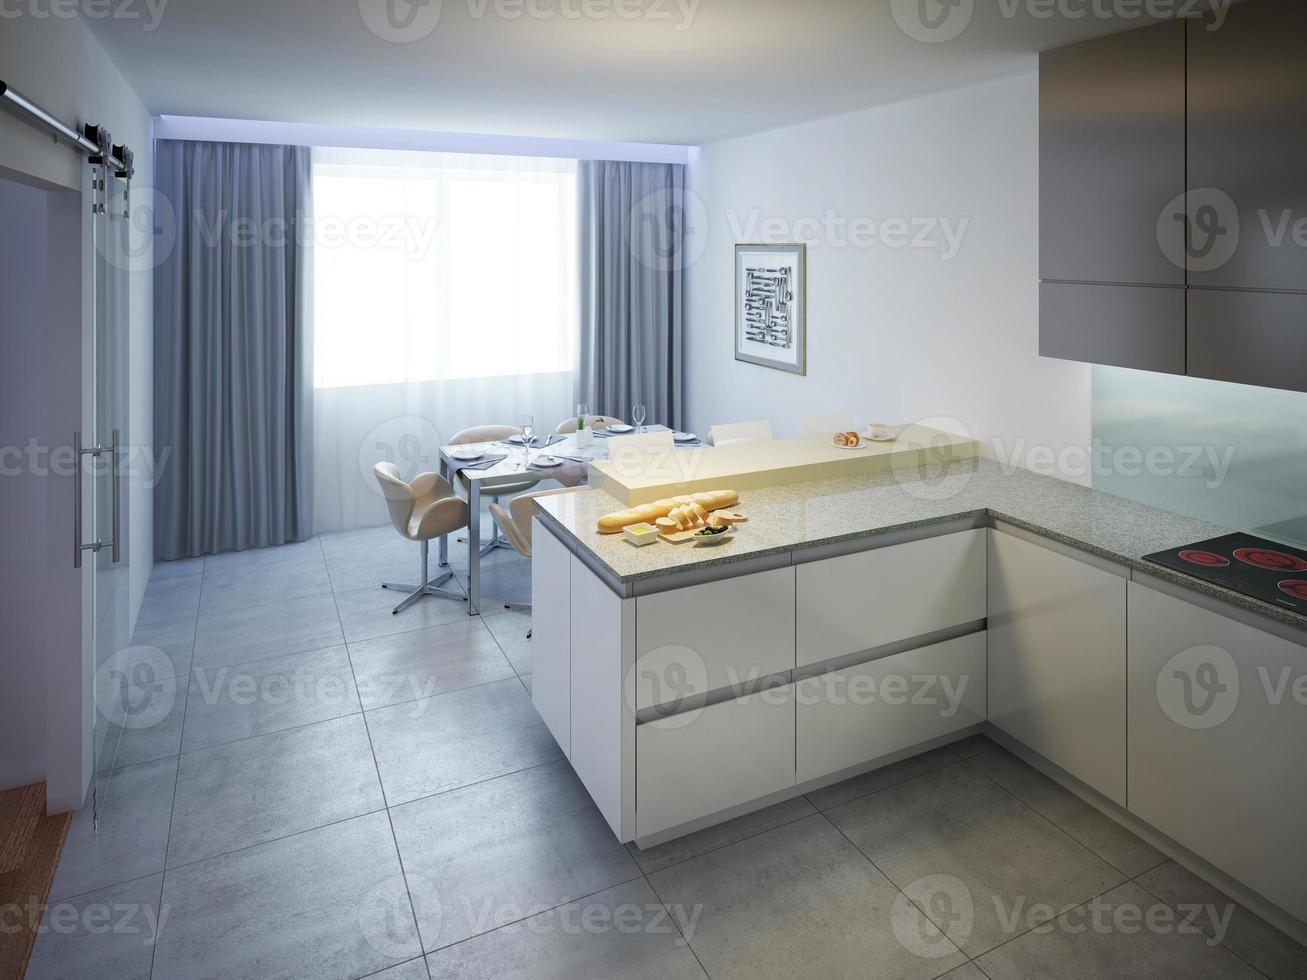 modernes Küchendesign foto